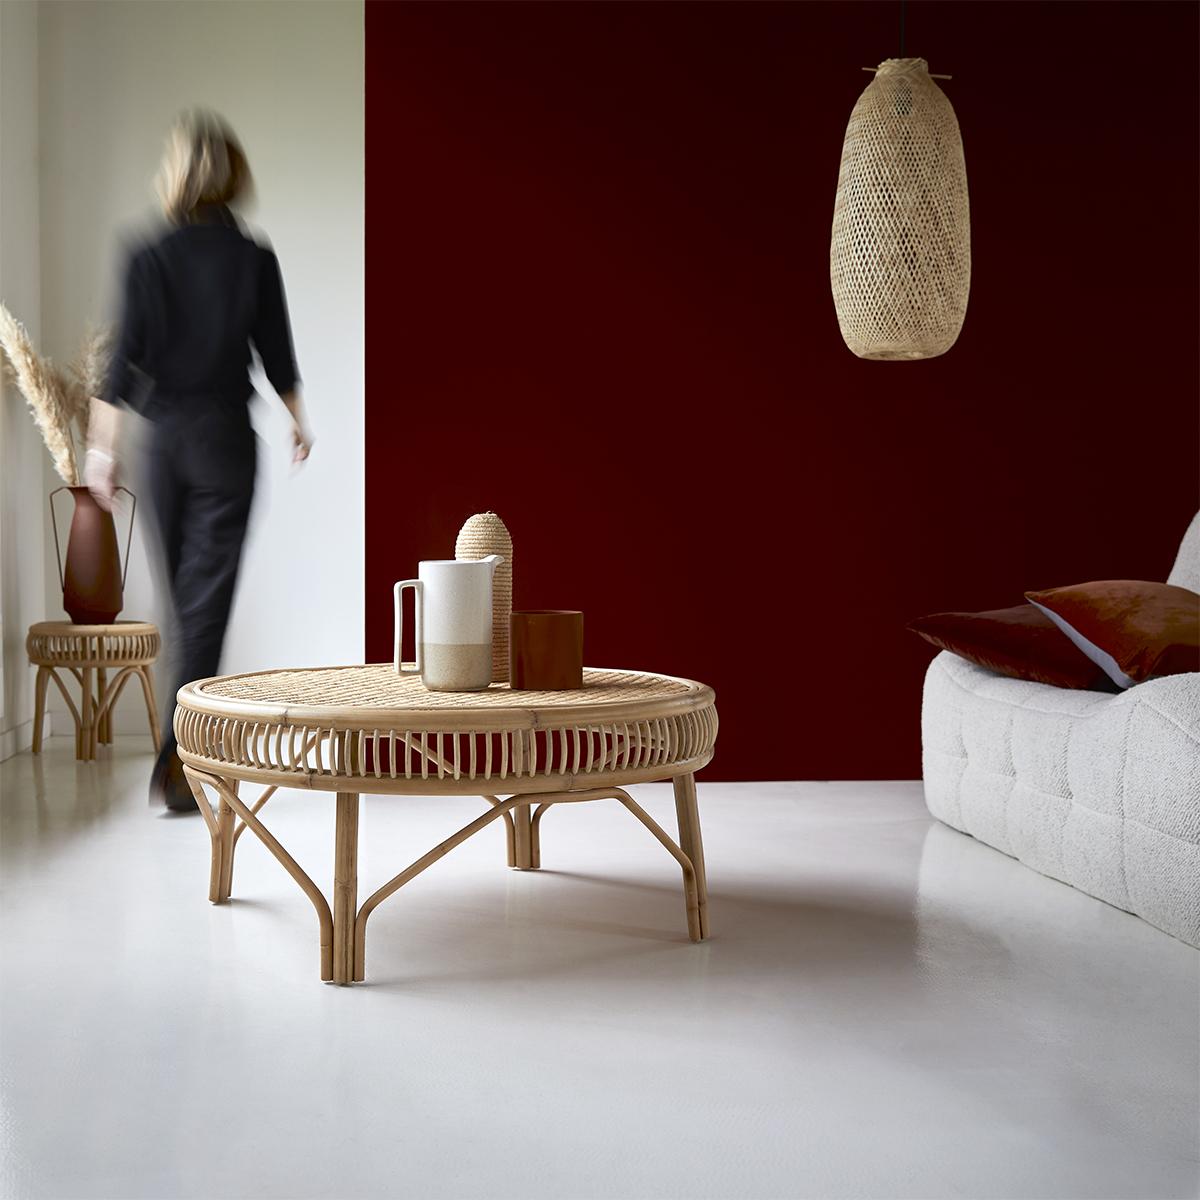 Zita rattan Coffee Table